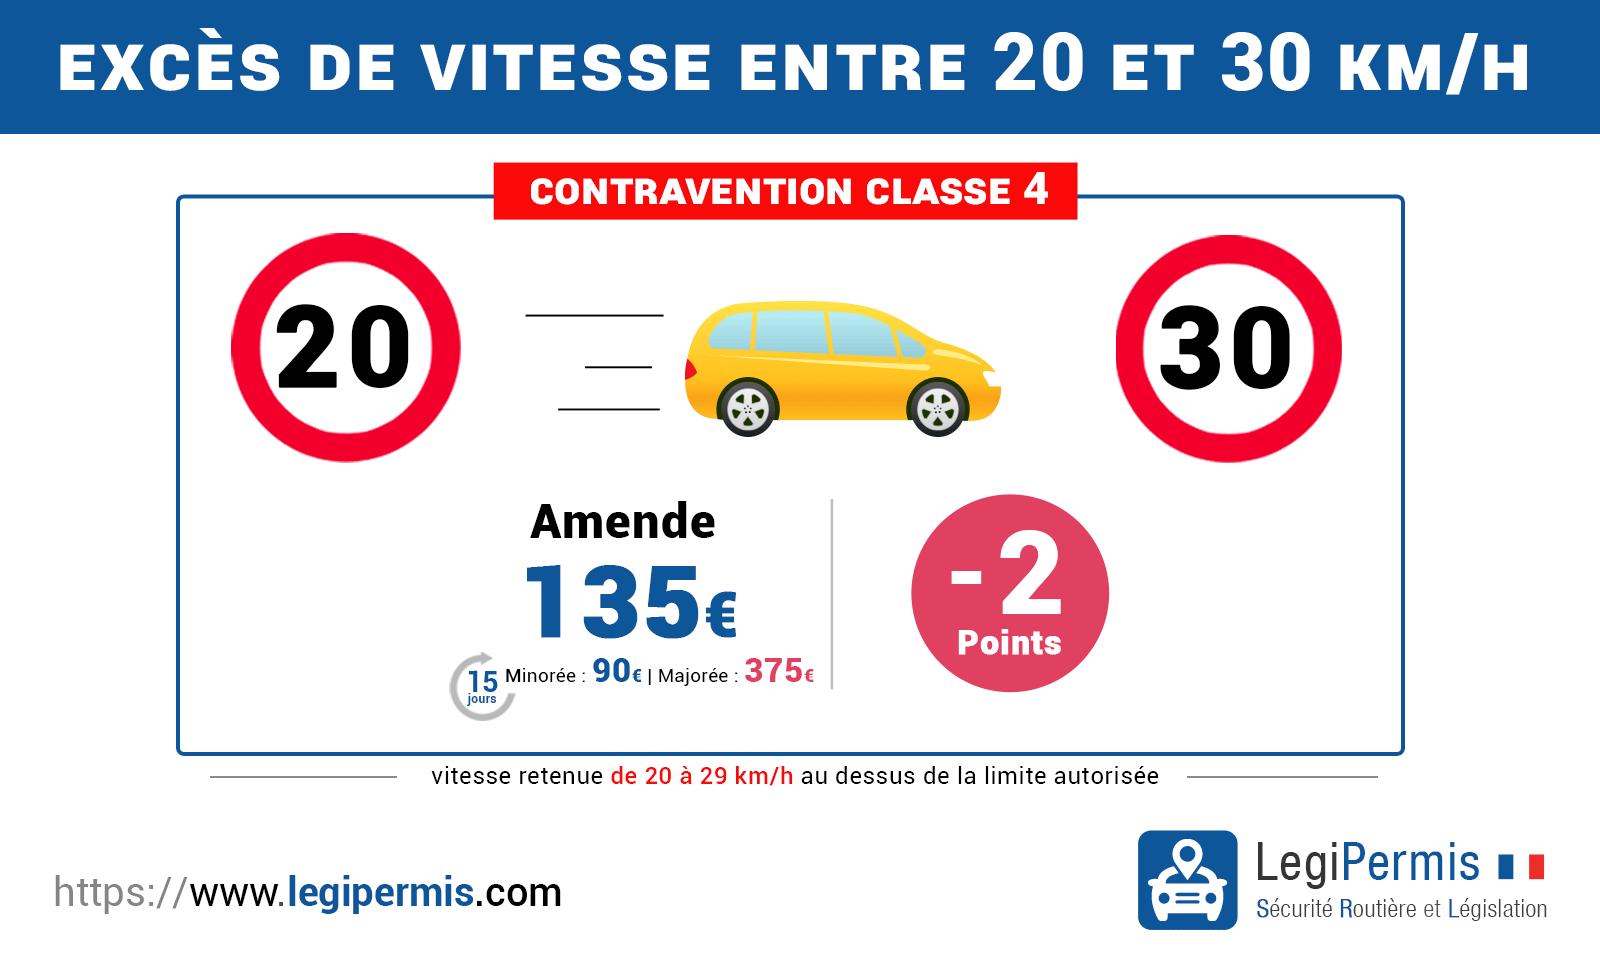 Excès de vitesse supérieur à 20 km/h et inférieur à 30 km/h, les sanctions : amende, retrait de point